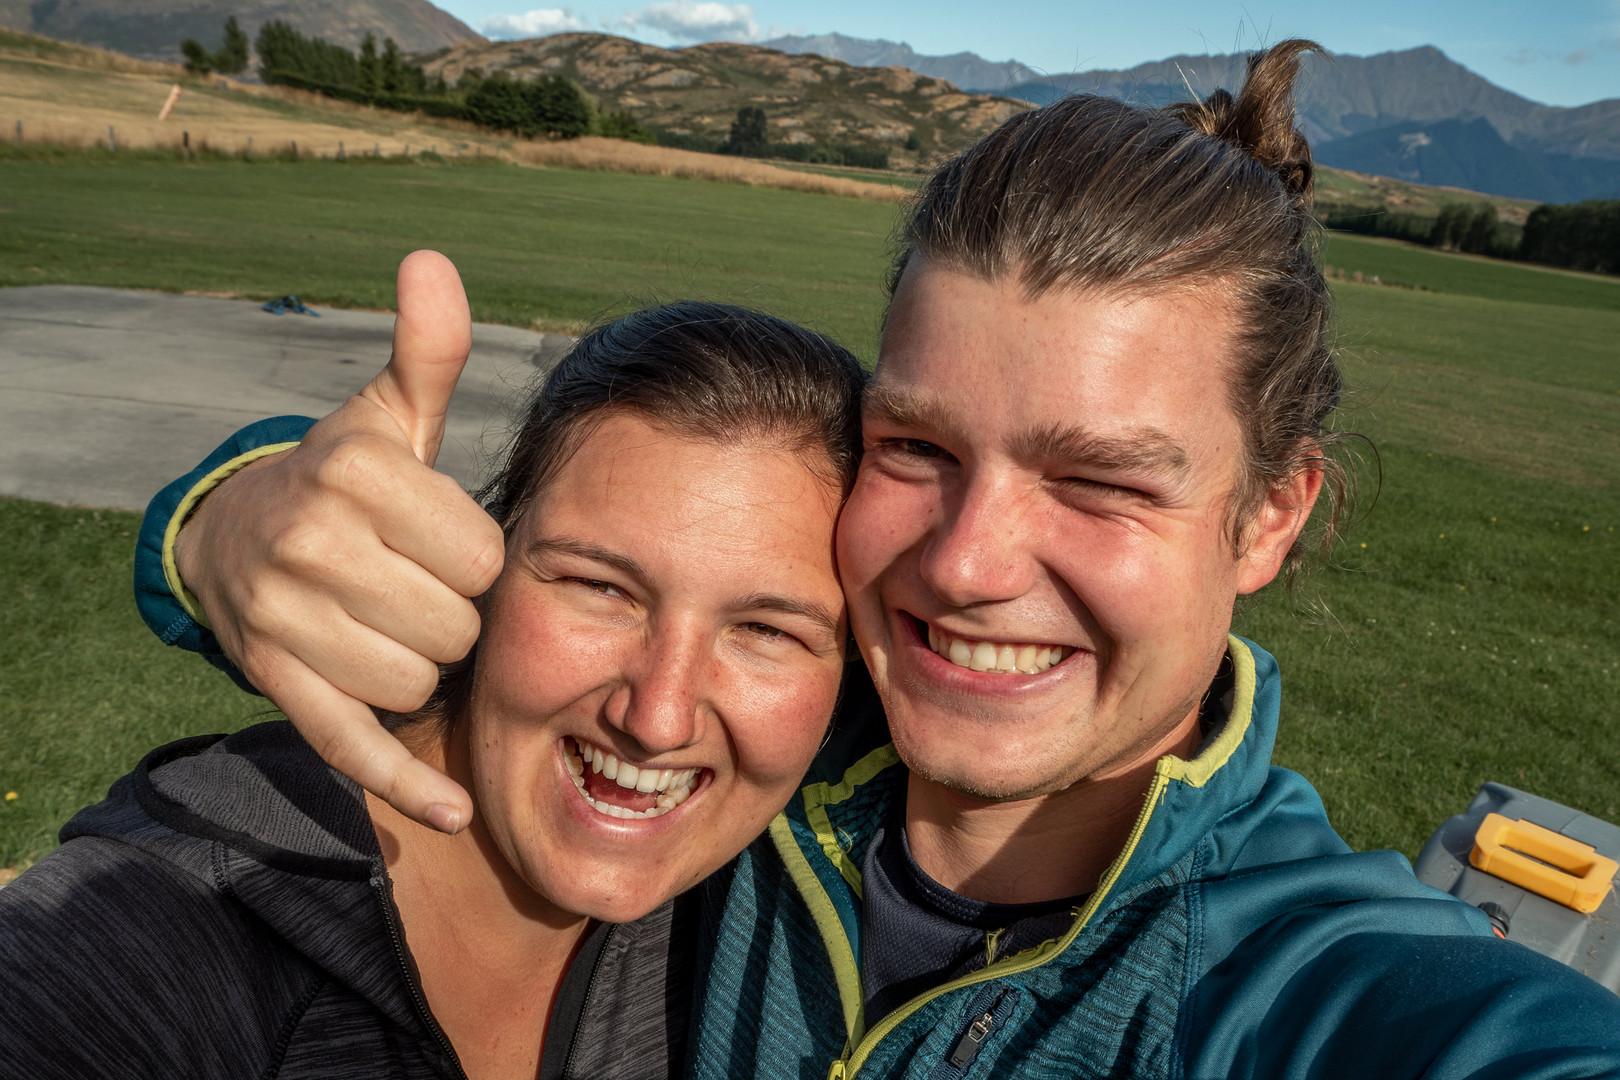 Foto nach dem Fallschirm springen in Neuseeland. Wild Embrace Fotografie Abenteuer Elopement und Auslandshochzeit Fotografen in  Österreich, Europa und weltweit. www.wildembrace.photo